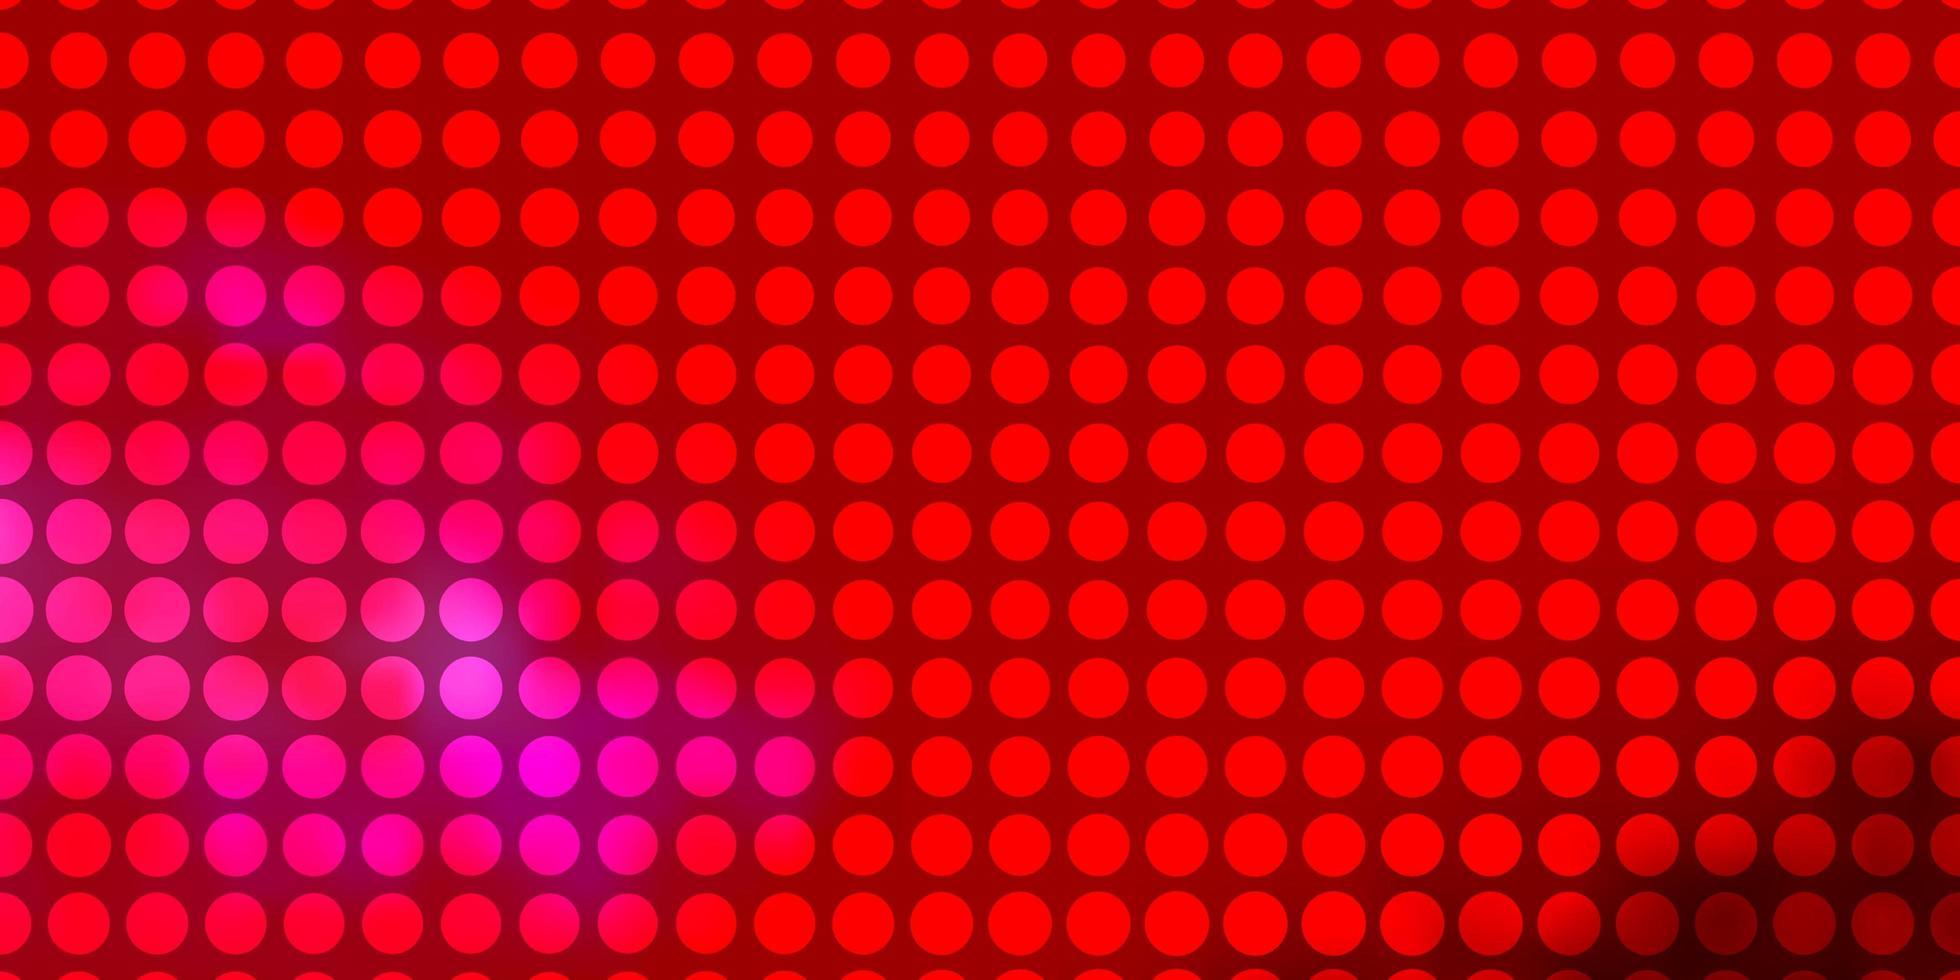 ljusröd vektorstruktur med cirklar. vektor